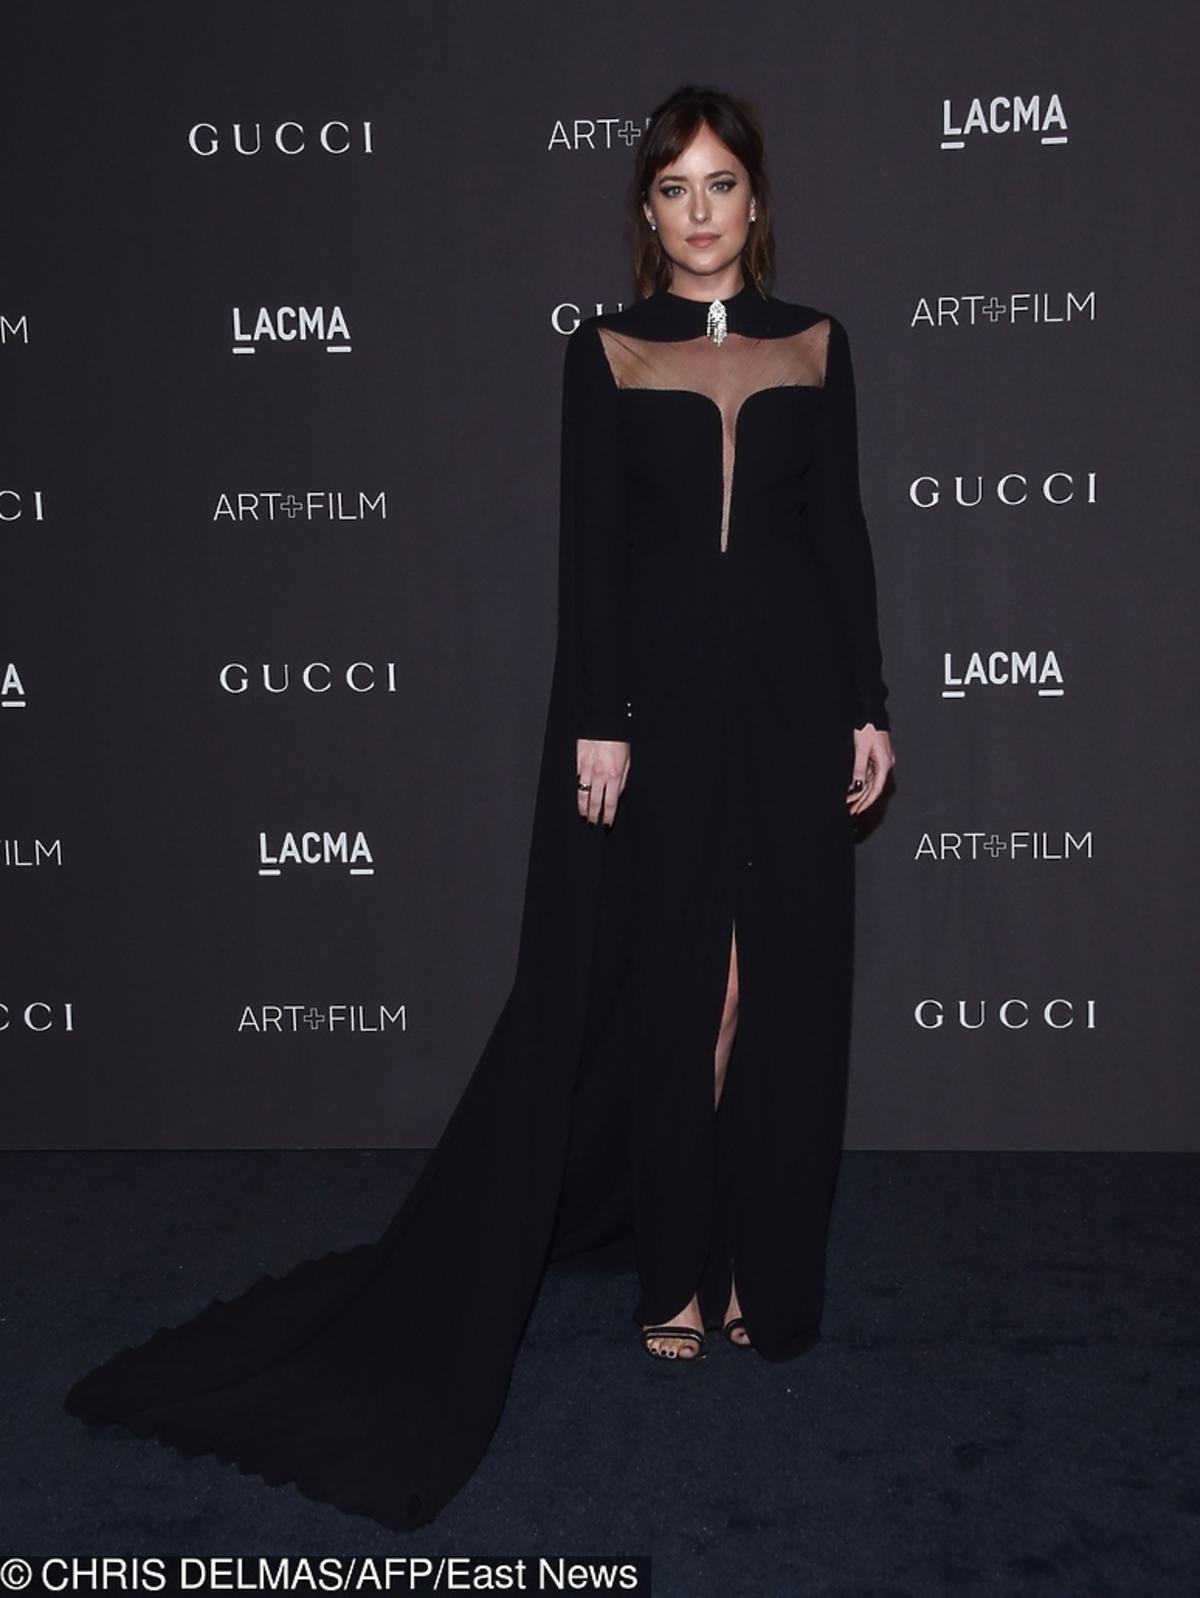 Mroczna Dakota Johnson w czarnej sukience. Widać, że jest w ciąży?